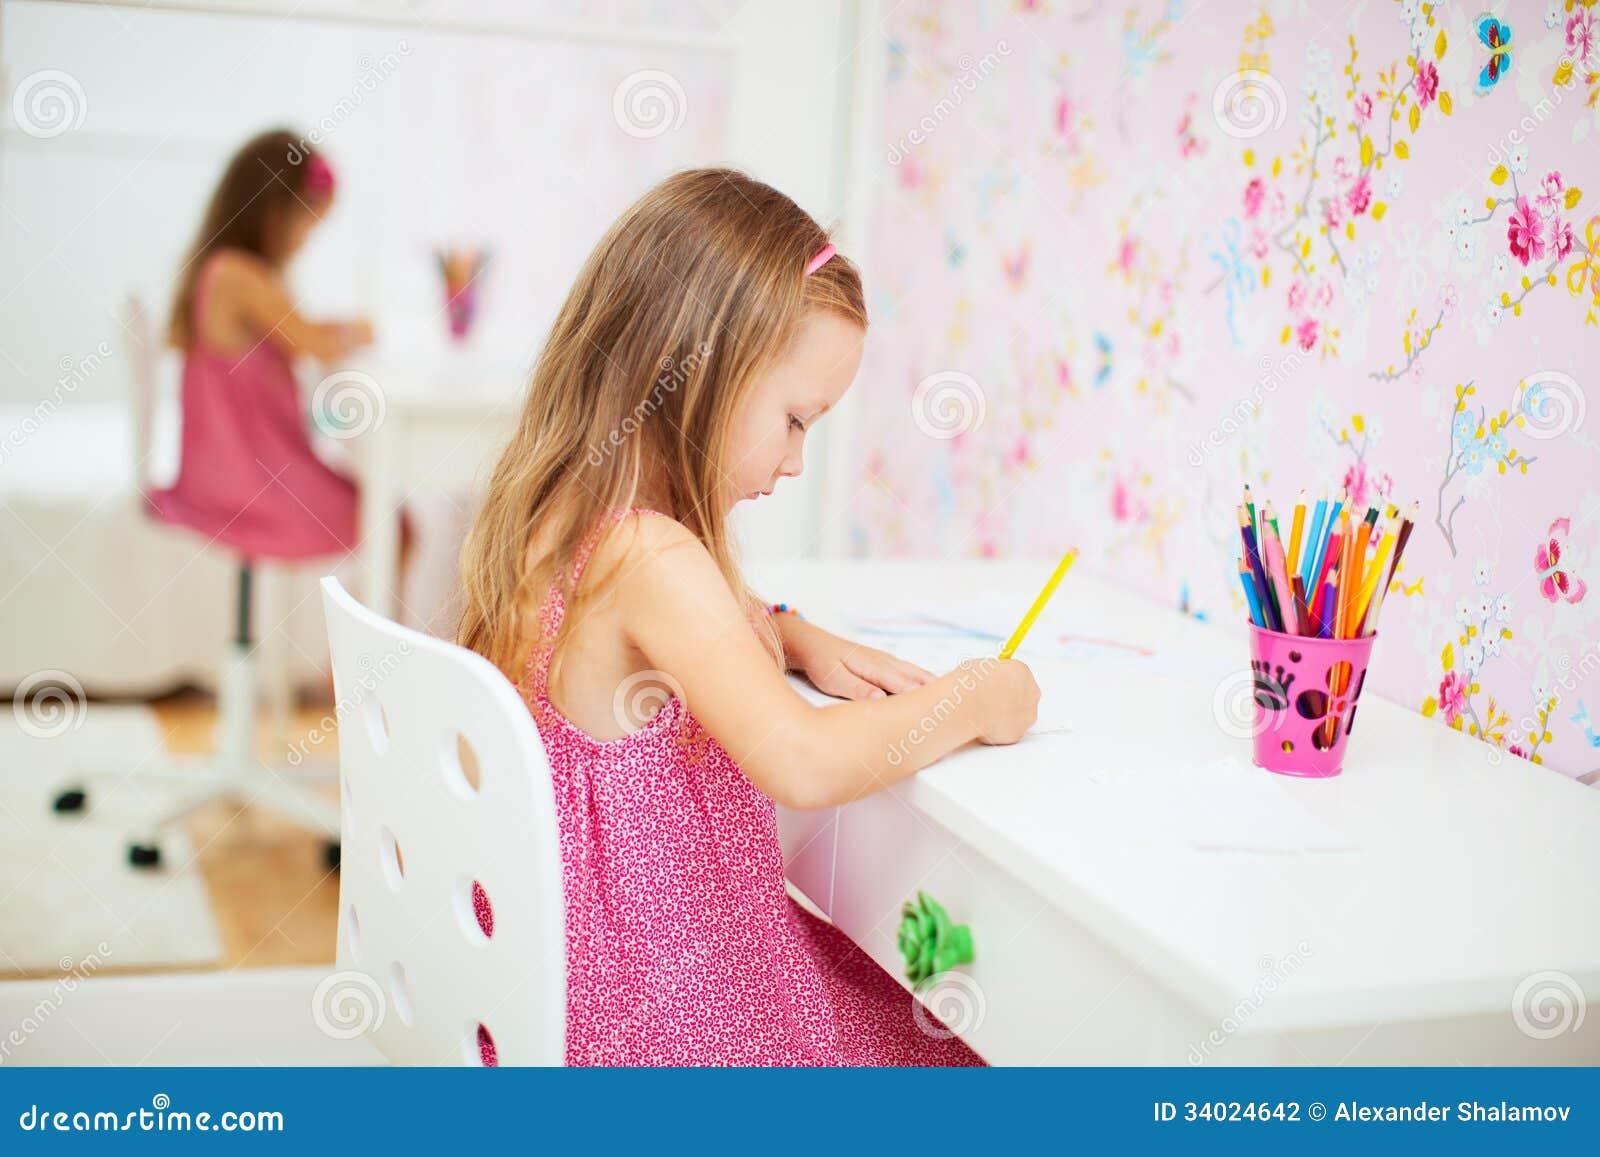 Meisje in haar ruimte stock fotografie afbeelding 34024642 - Tiener meubilair ruimte meisje ...